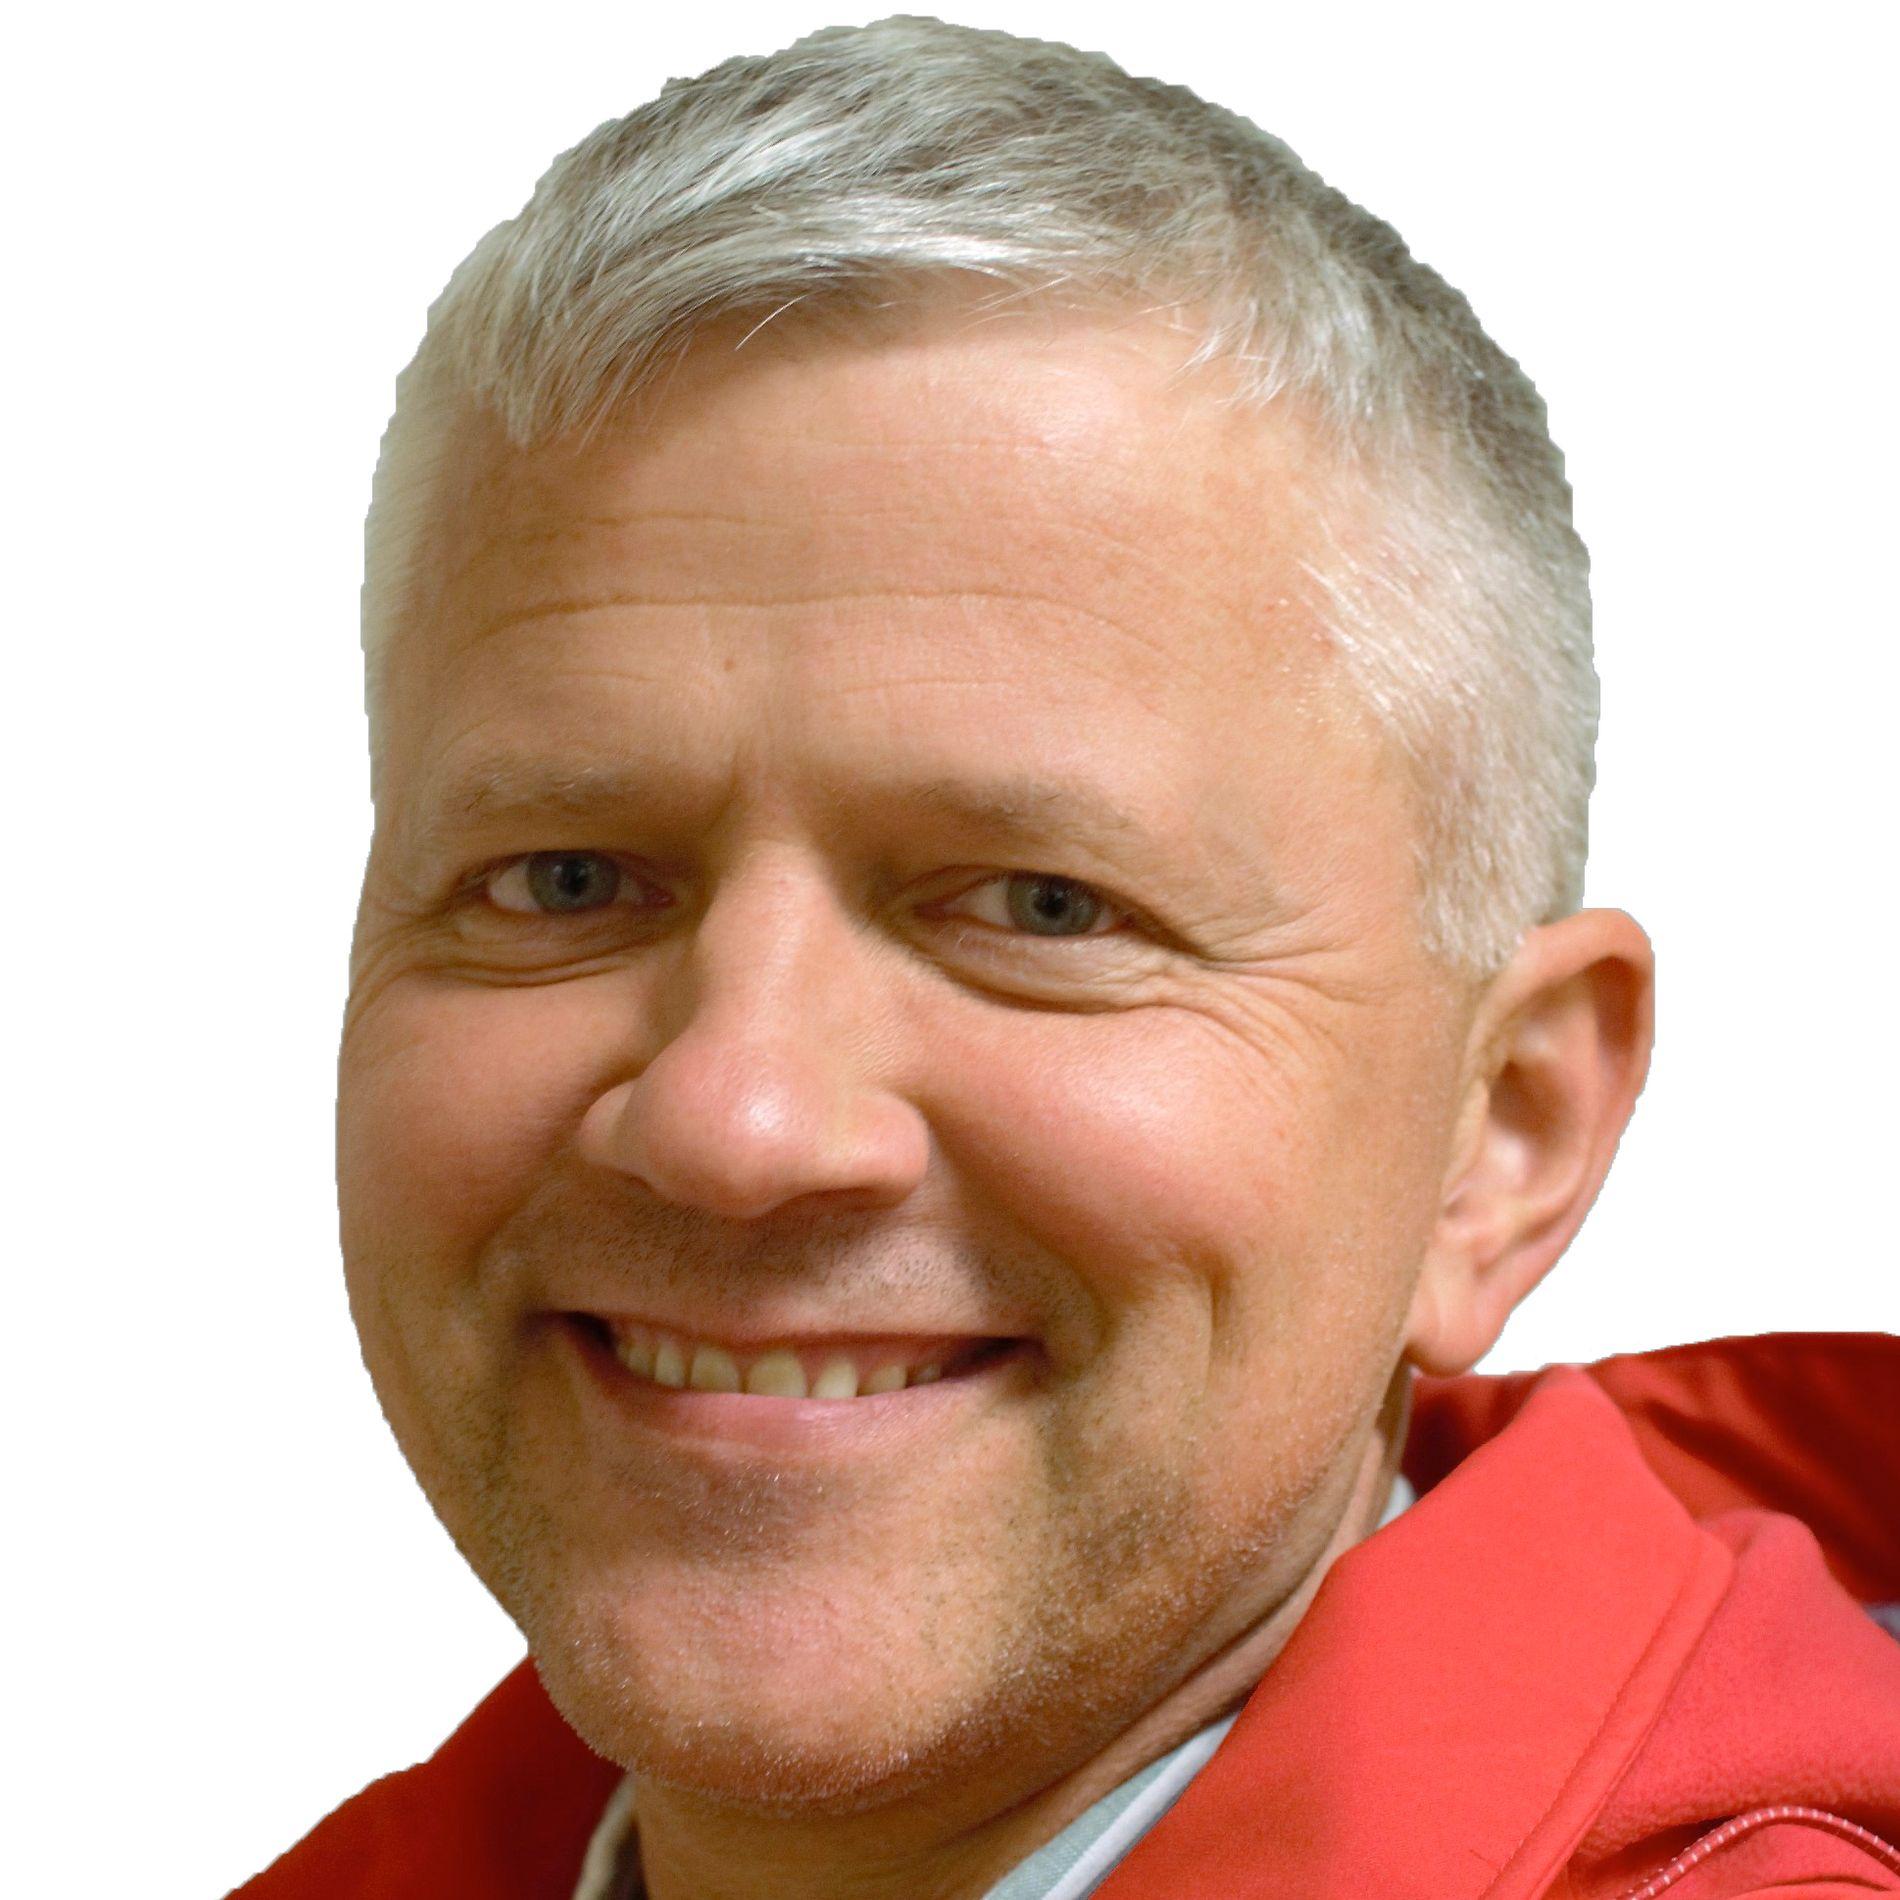 Thor Inge Sveinsvoll